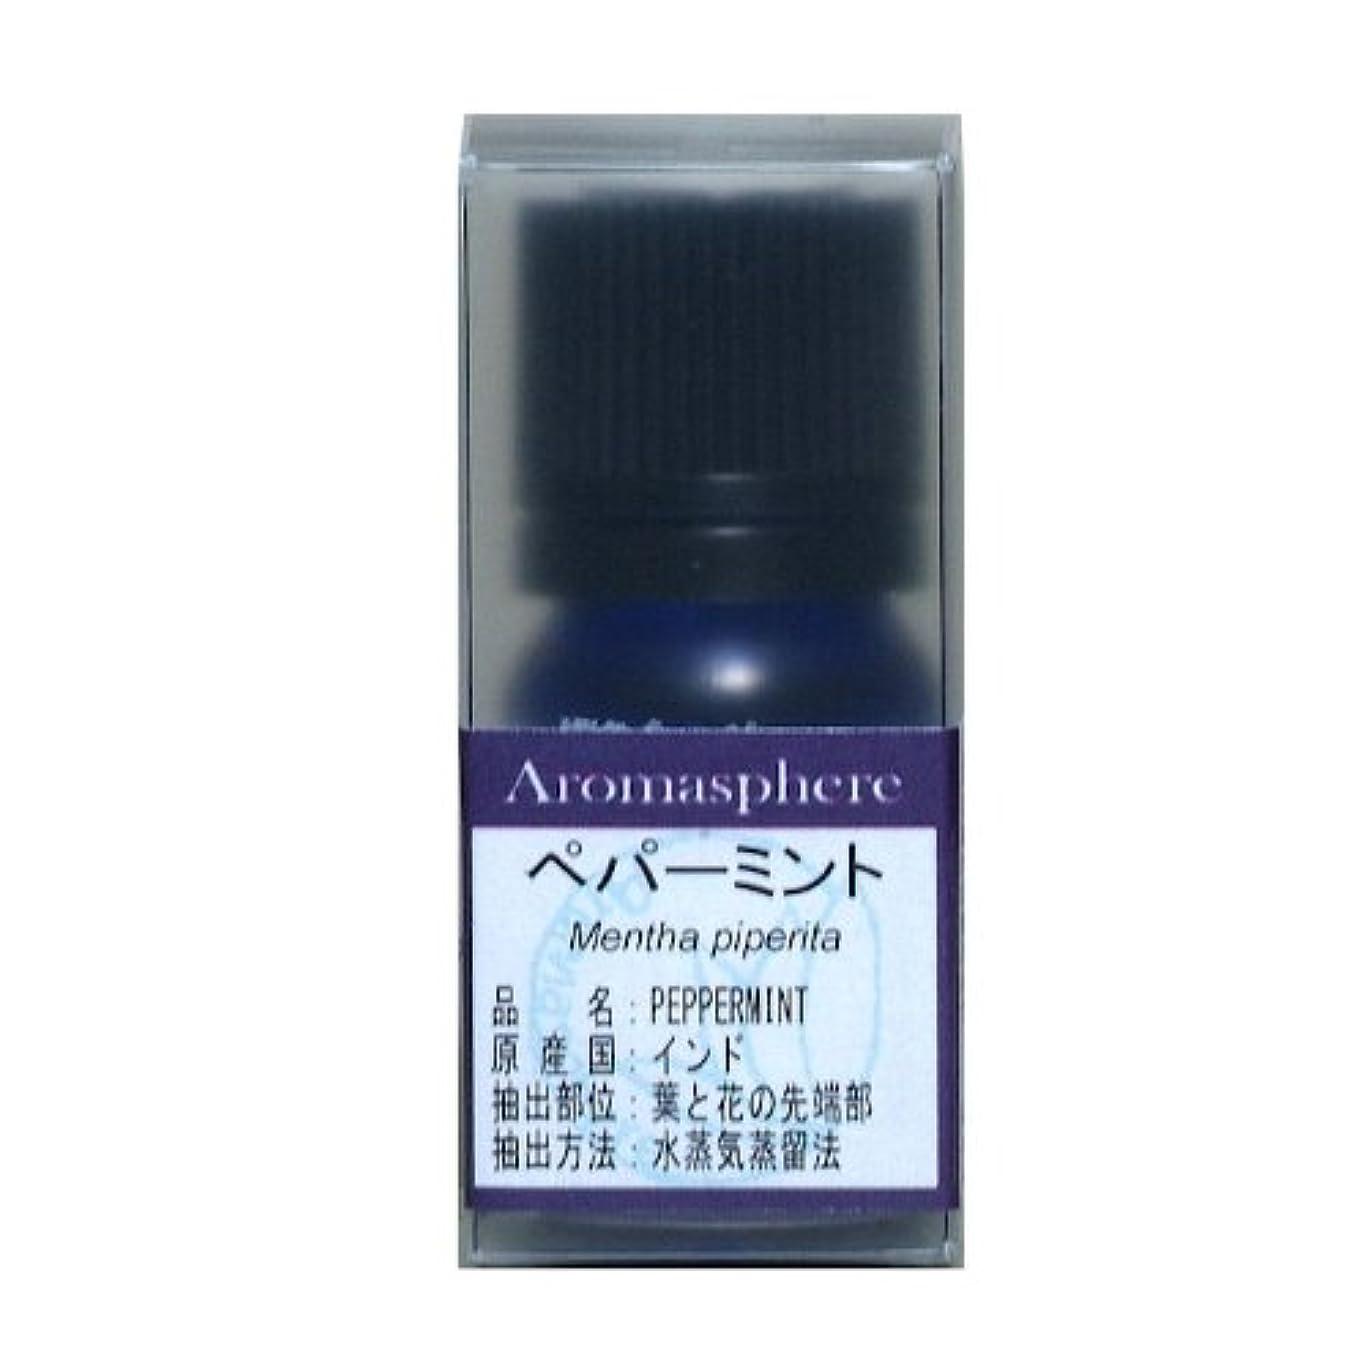 パパ検出する腹痛【アロマスフィア】ペパーミント 5ml エッセンシャルオイル(精油)